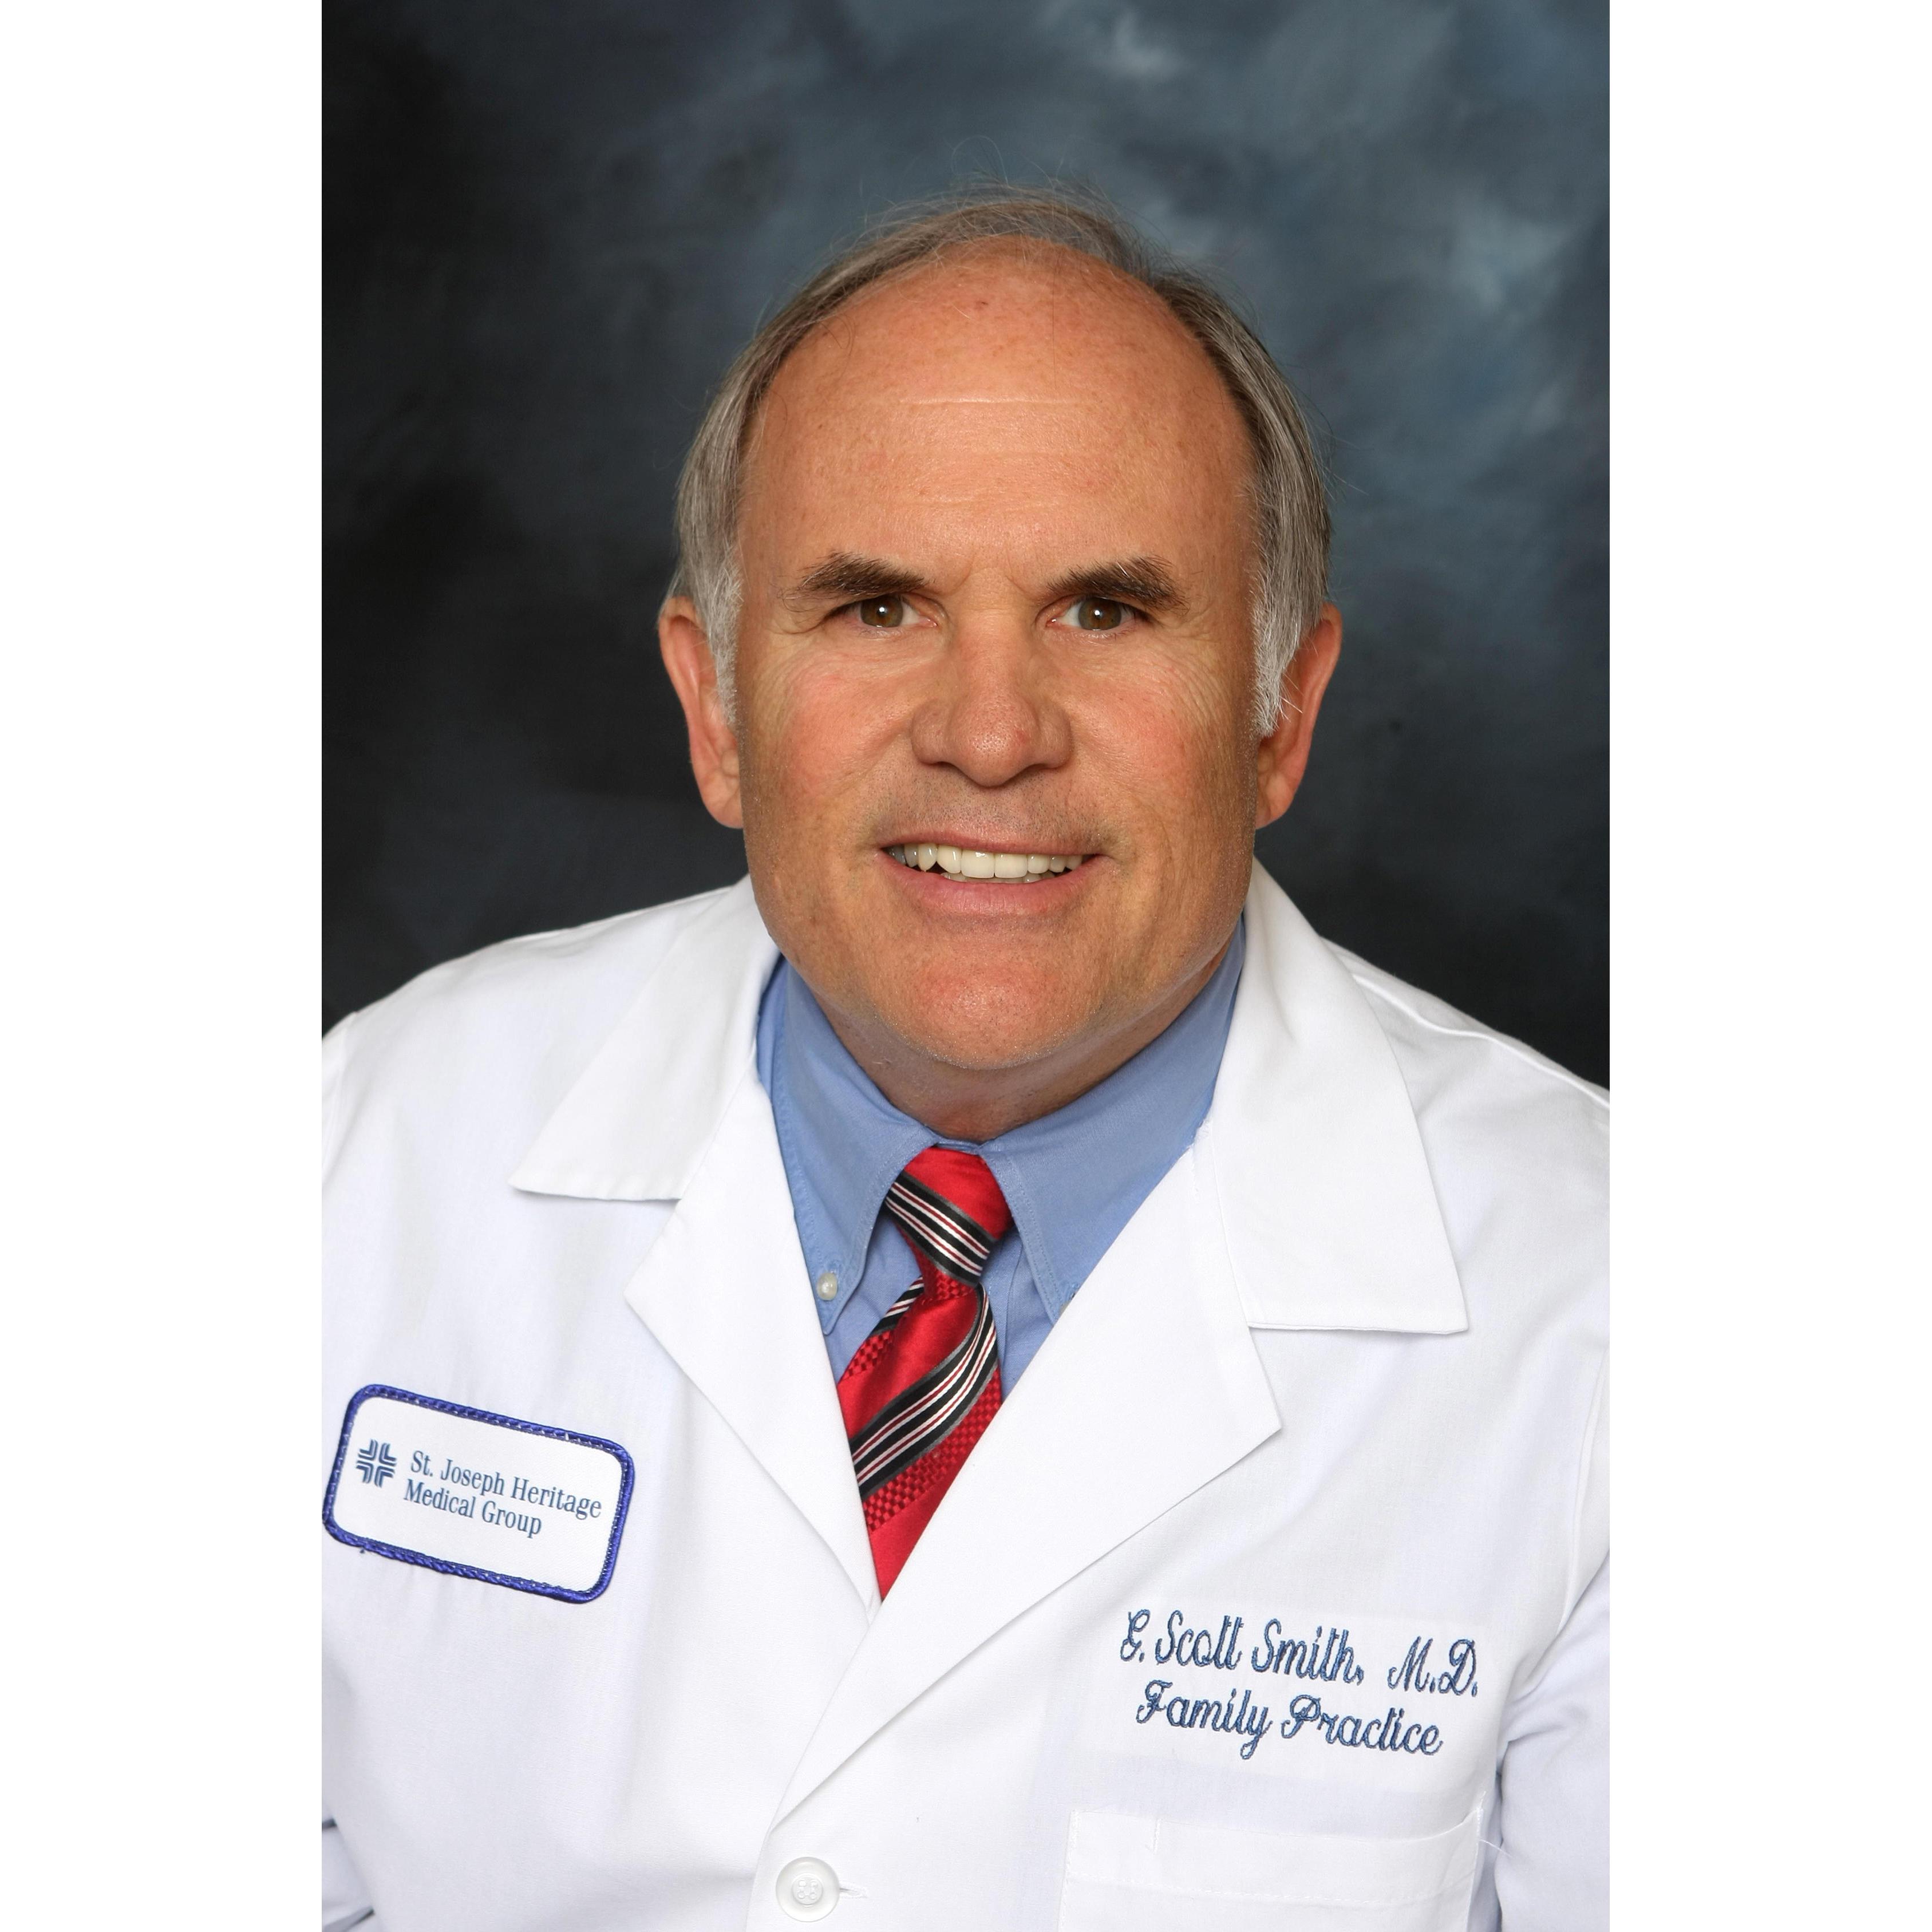 G. Scott Smith, MD